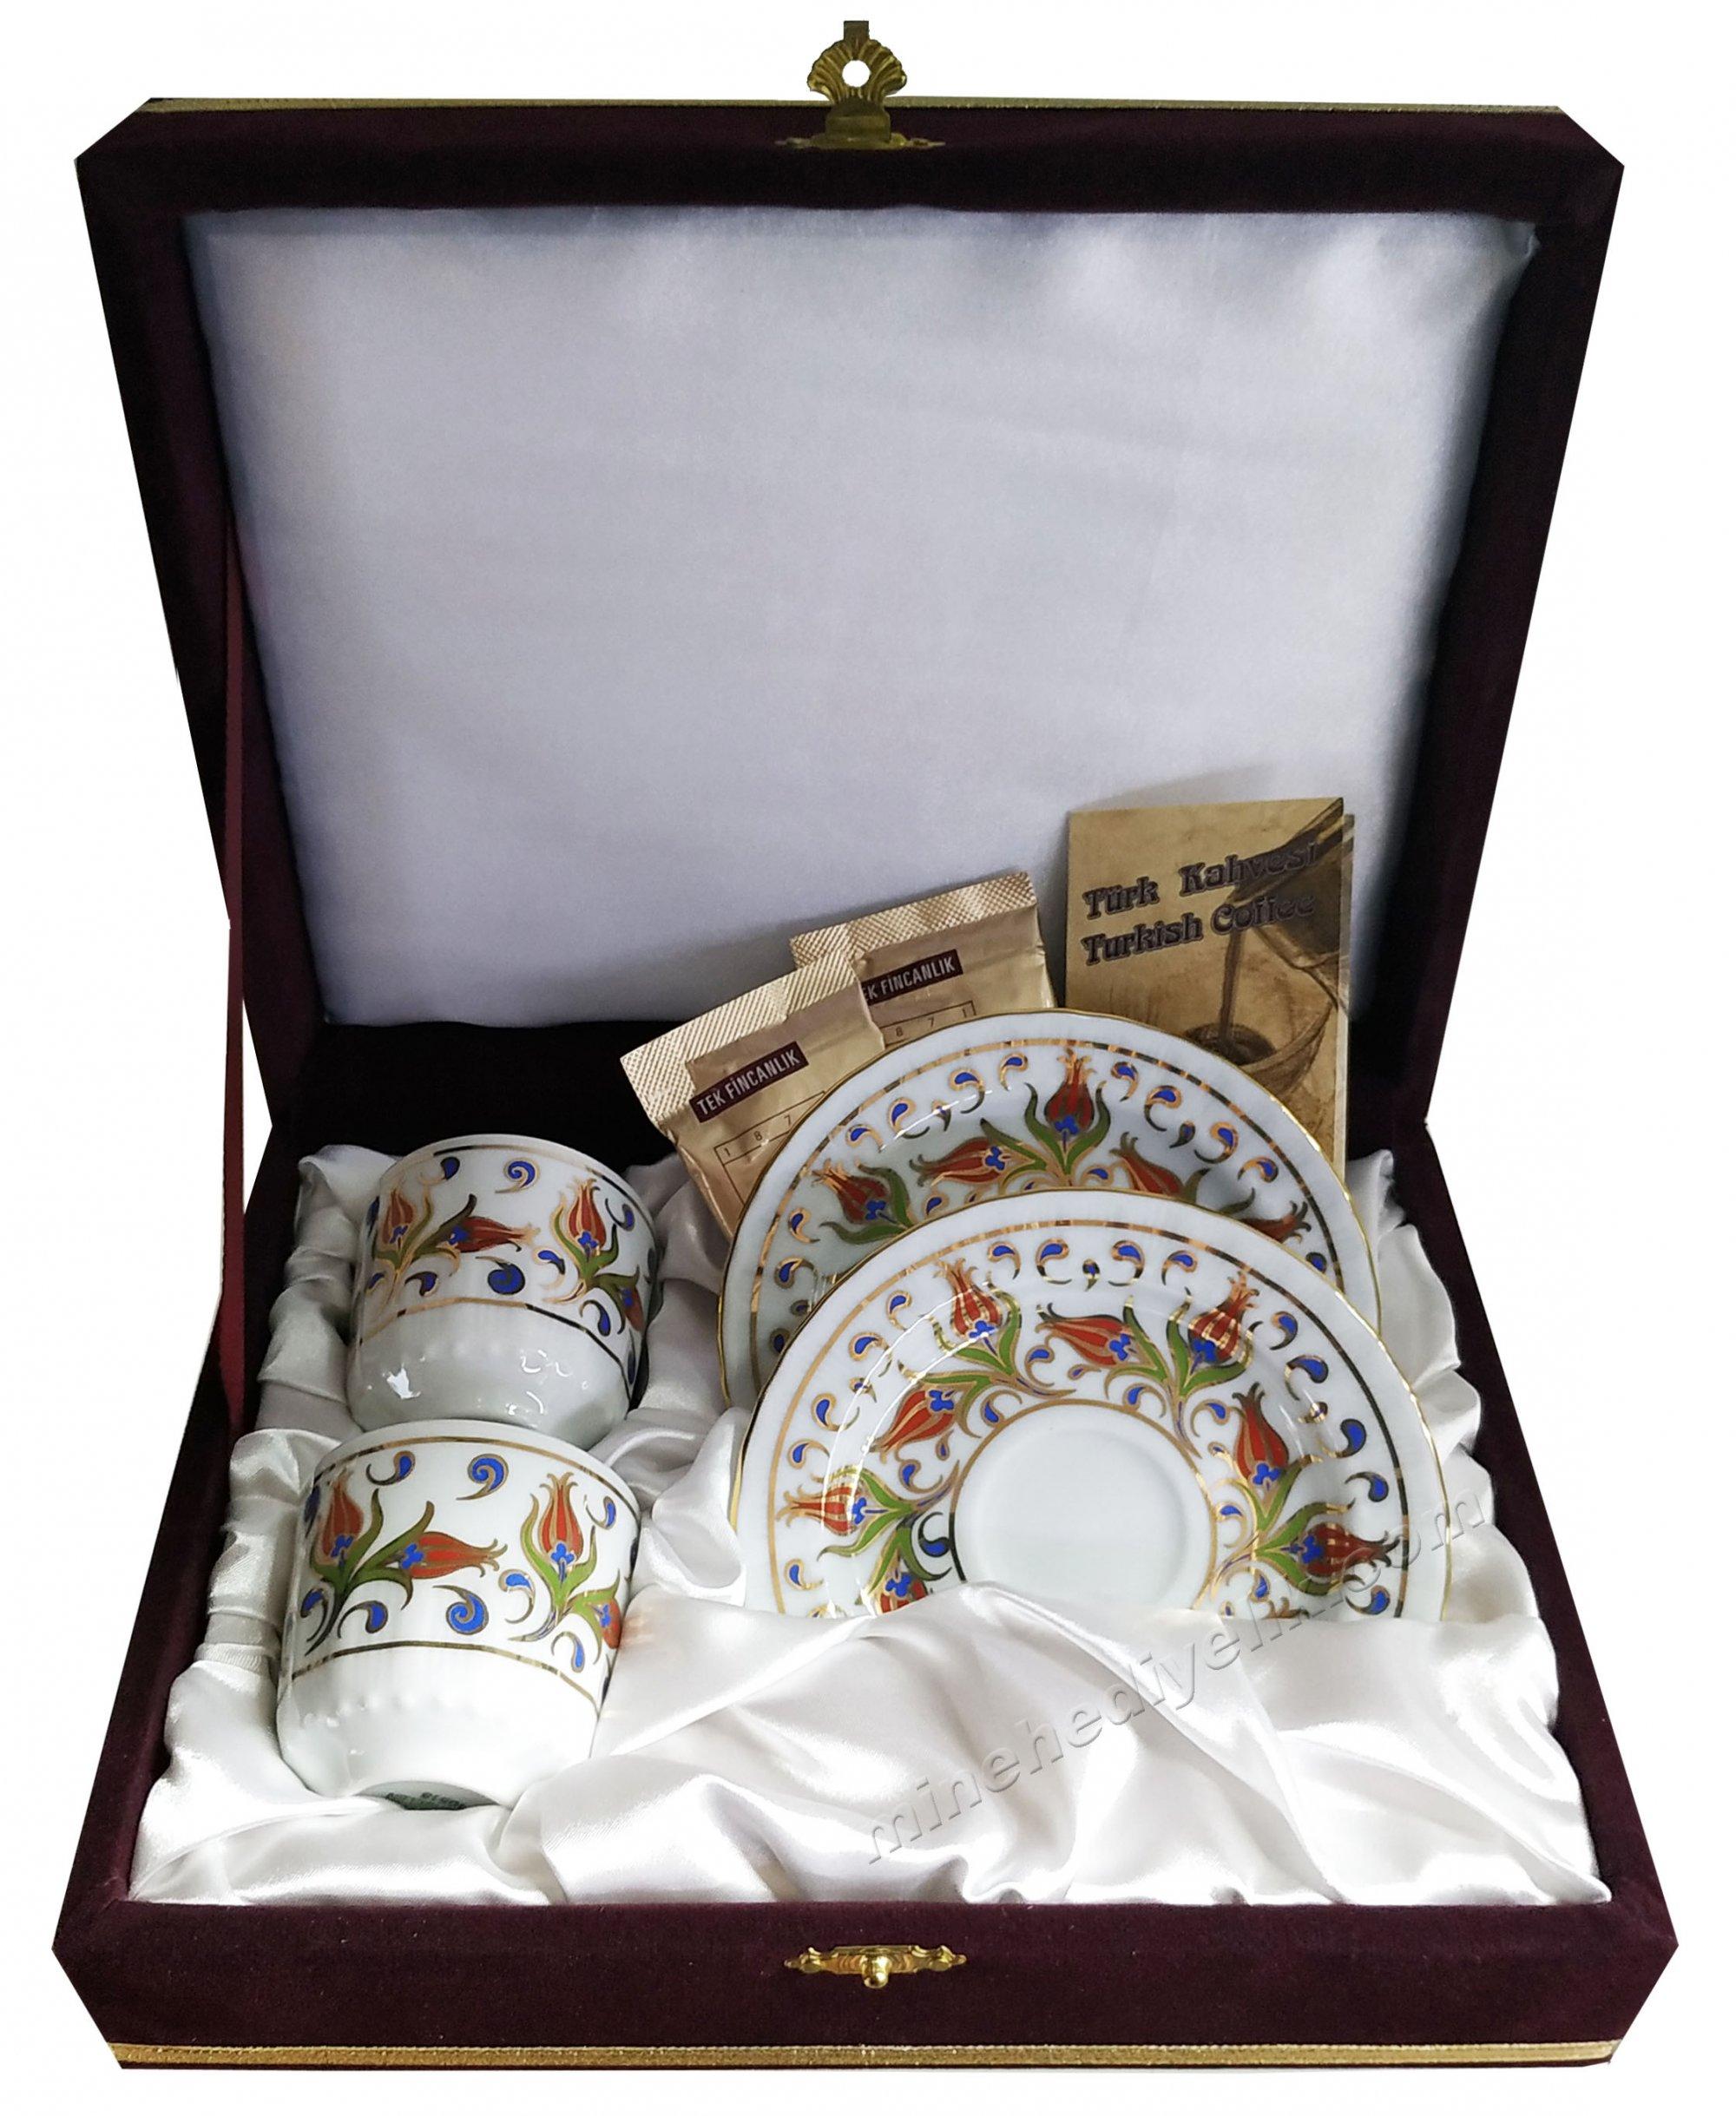 İki Kişilik Kahve Fincan Setleri Özel Tasarım Kutularda Lale Desenli Türk Kahveli